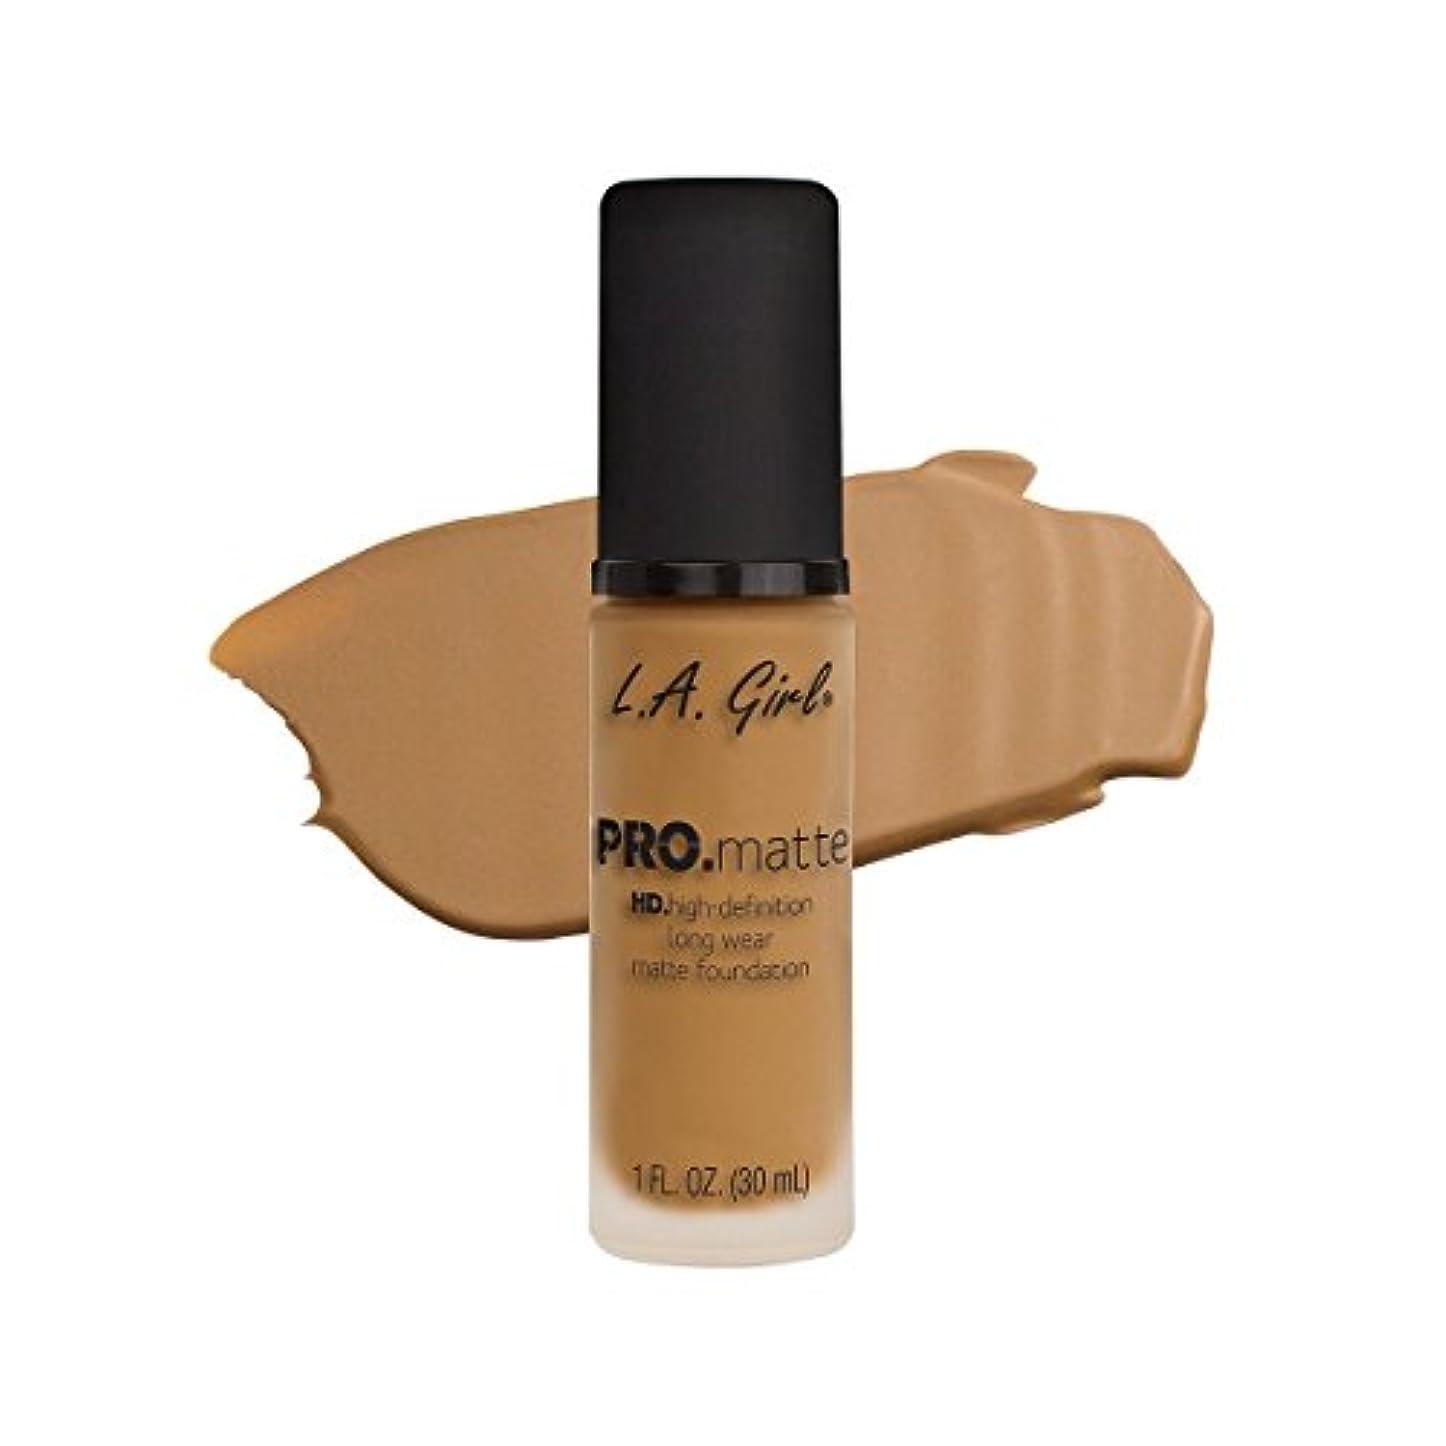 恥横バックグラウンド(3 Pack) L.A. GIRL Pro Matte Foundation - Sand (並行輸入品)